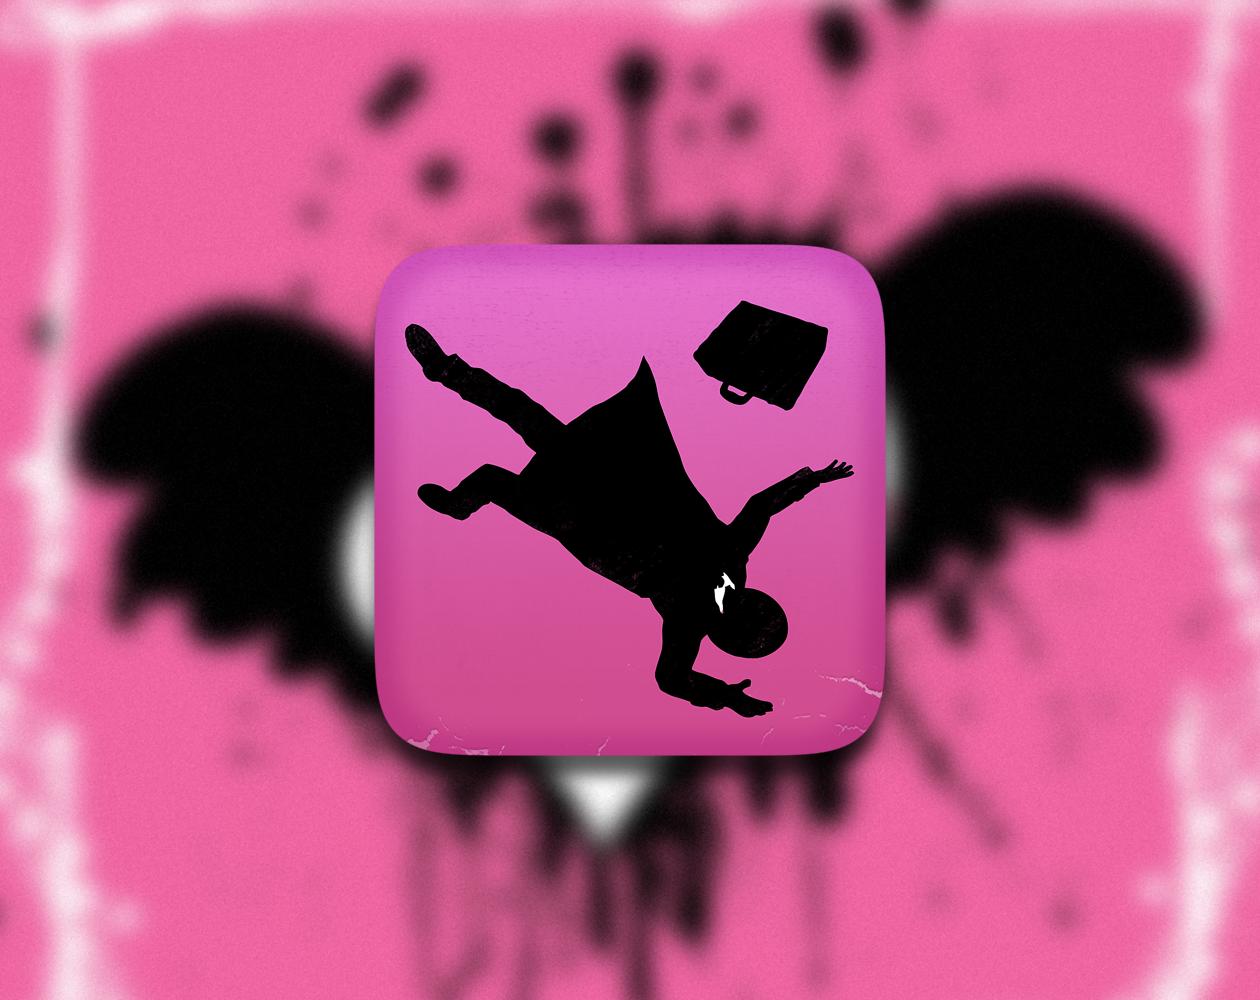 Framed: Игра года по версии знаменитого геймдизайнера Хидео Кодзимы